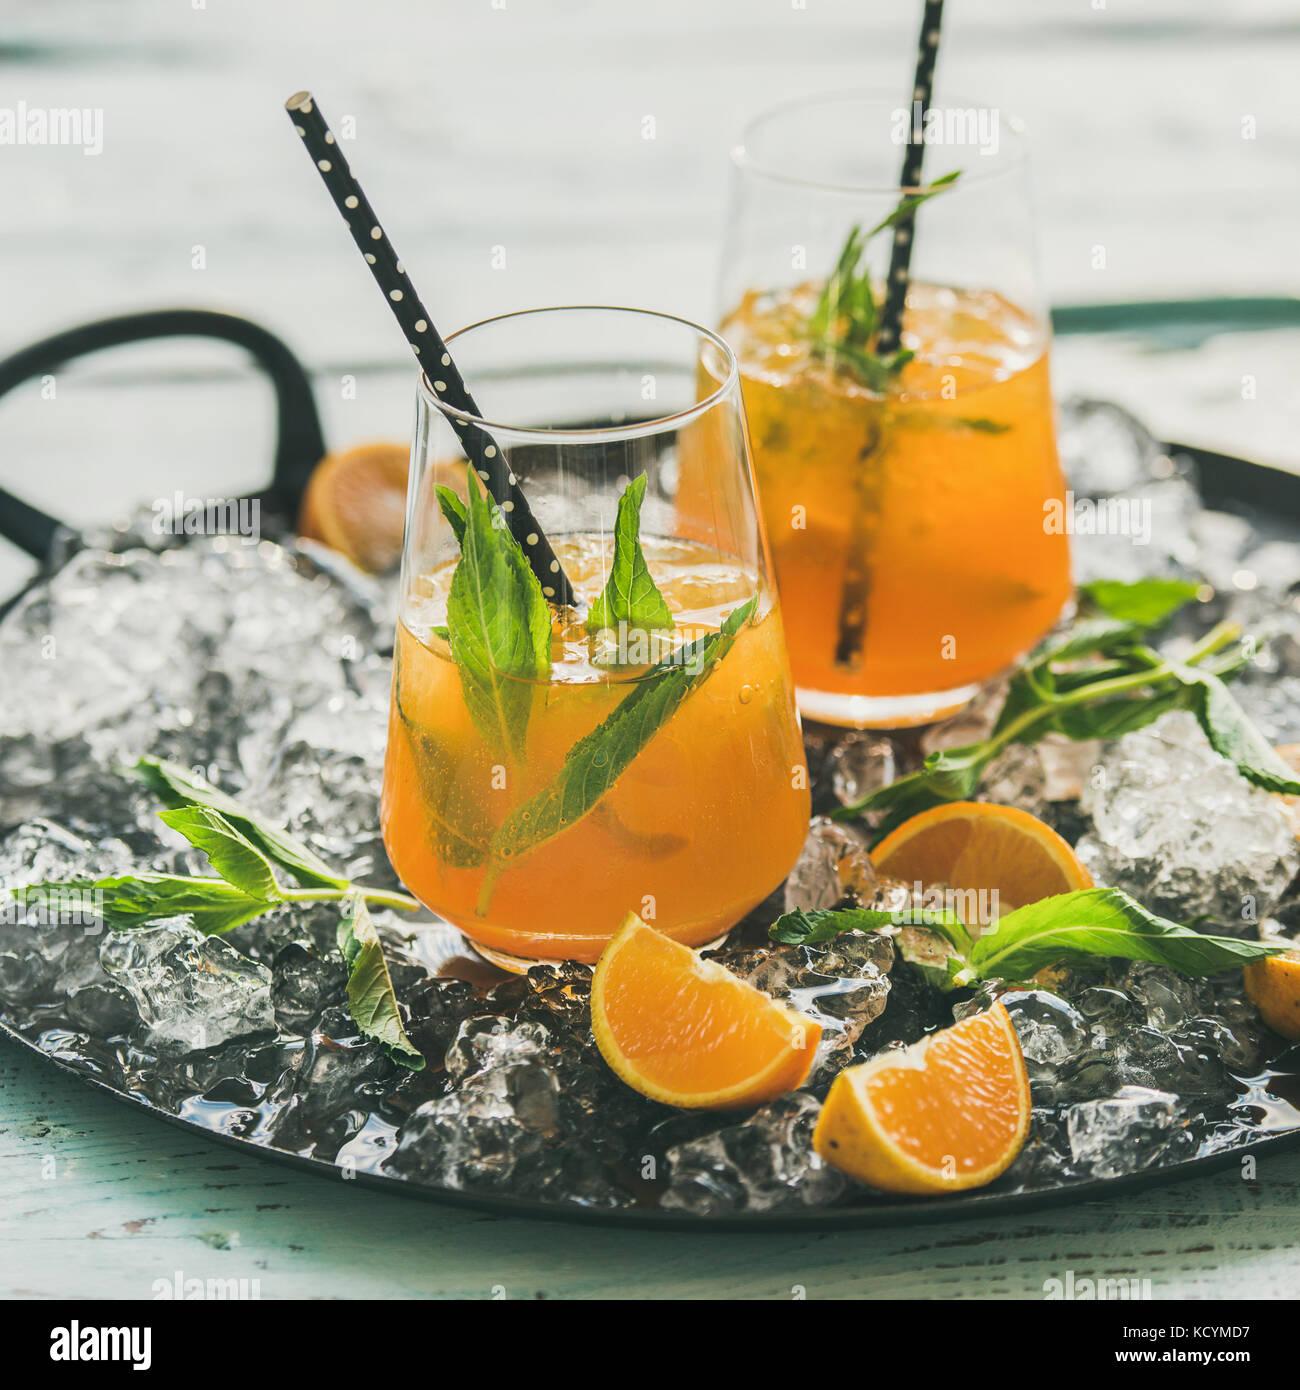 Rinfrescanti bevande fredde summer cocktail con arancia e menta Immagini Stock